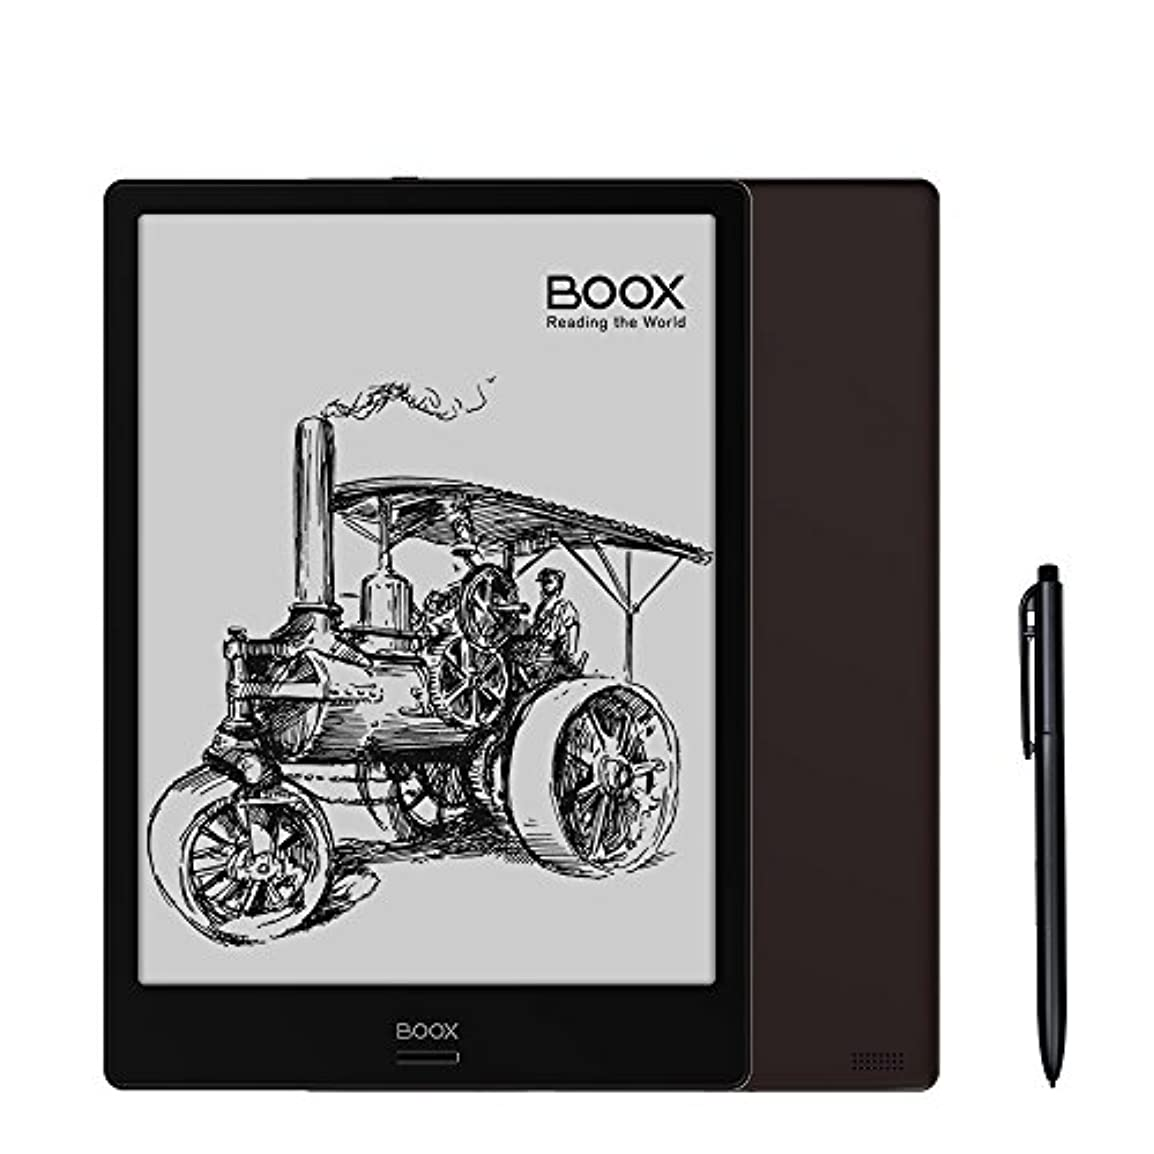 最初は忘れっぽい請願者BOOX Note 電子書籍リーダー 10.3インチ大画面/Android6.0/デュアル?タッチ/Wifi対応/Type-c